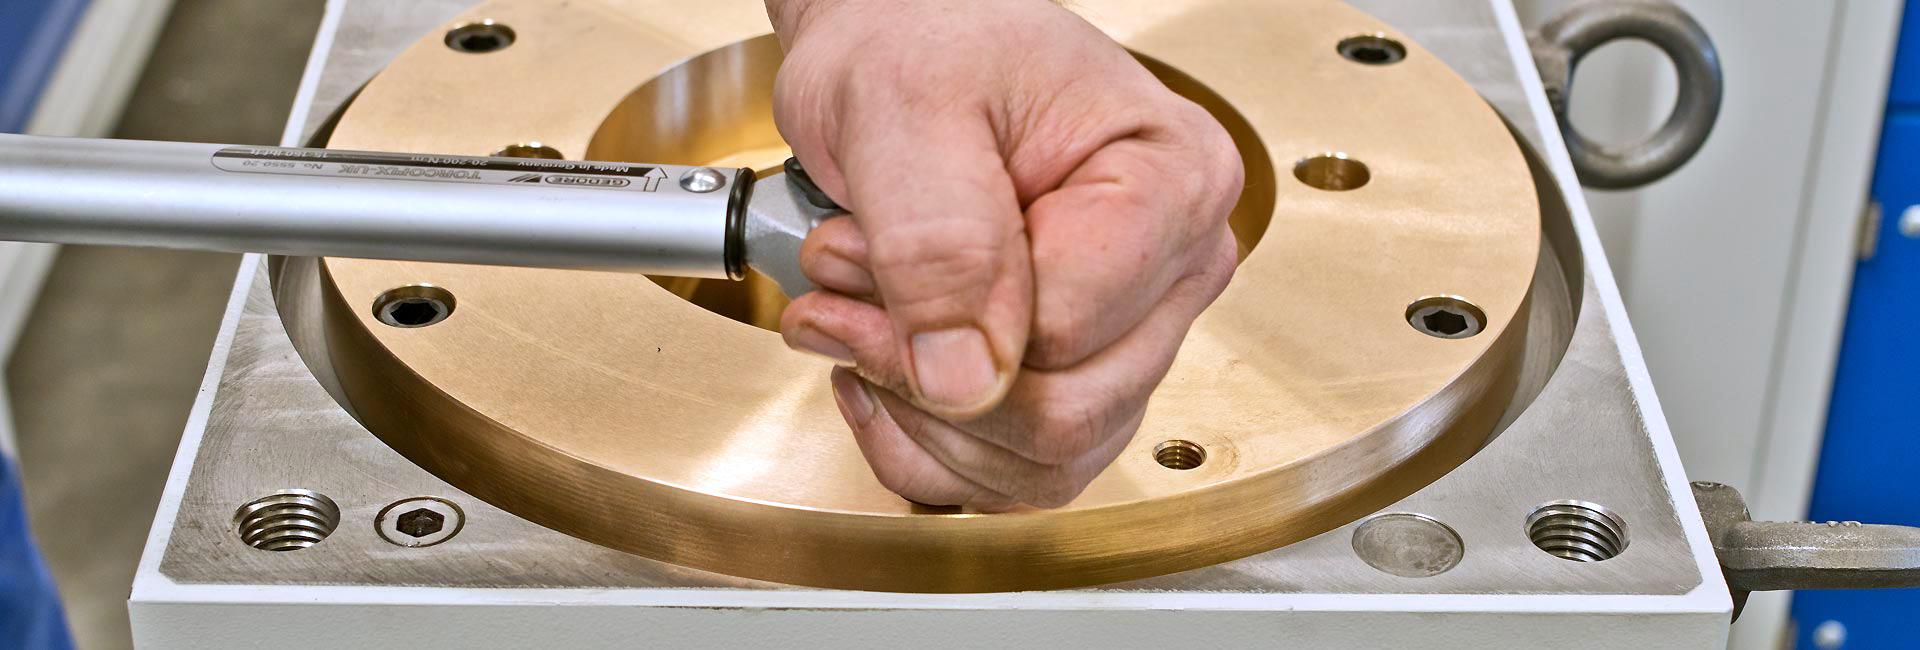 präszise Handarbeit | SPL Spindel und Präszisionslager GmbH